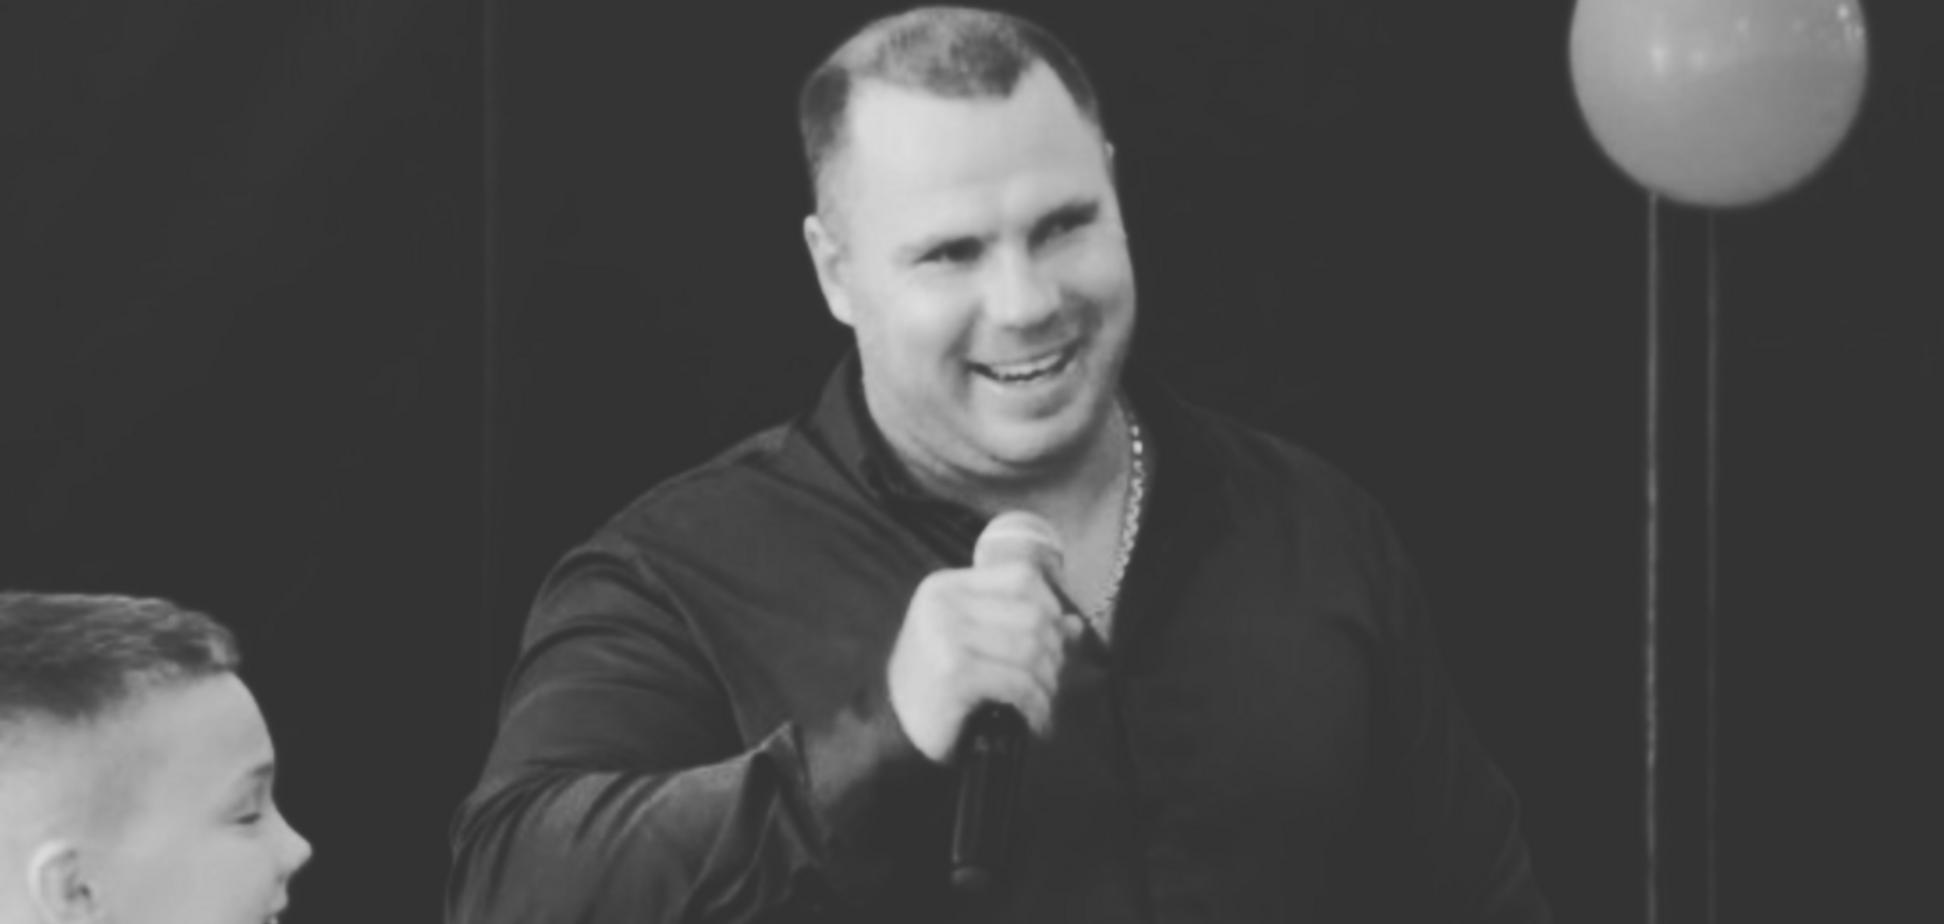 У Росії розстріляли директора бійцівського клубу Кадирова: момент потрапив на відео. 18+